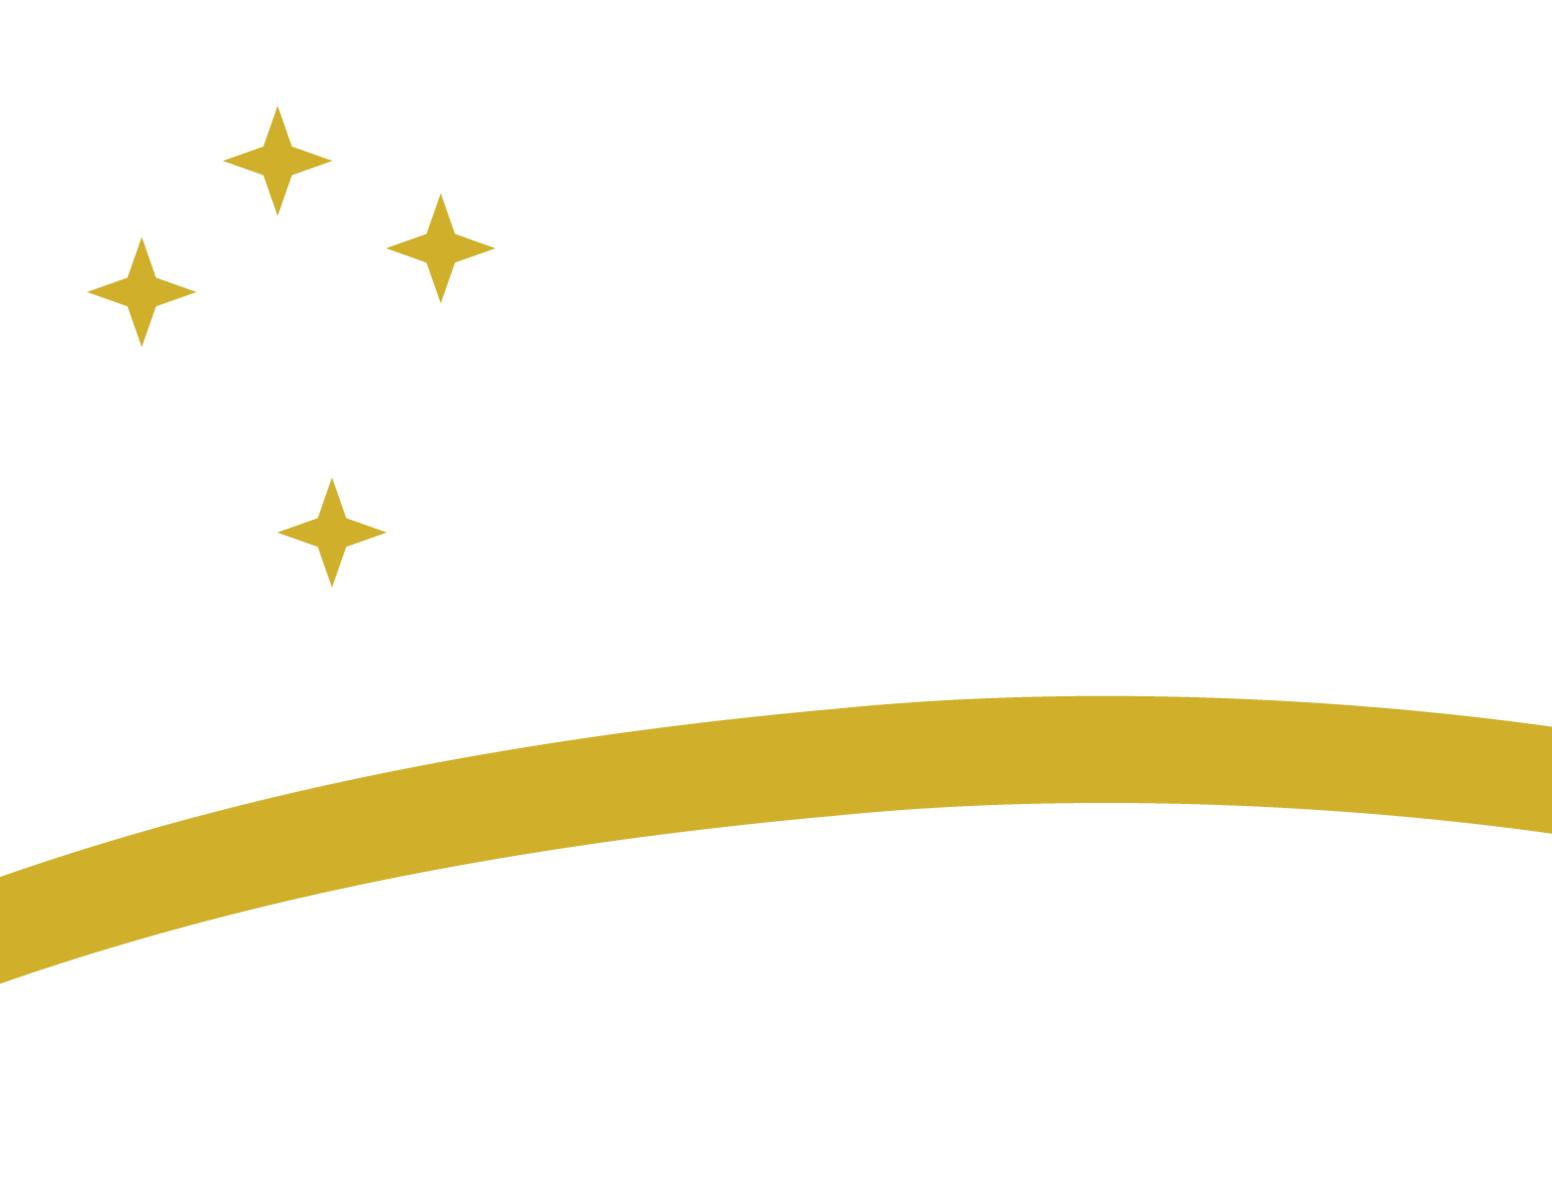 1552px-Aurelian-League,-Flag-of.png